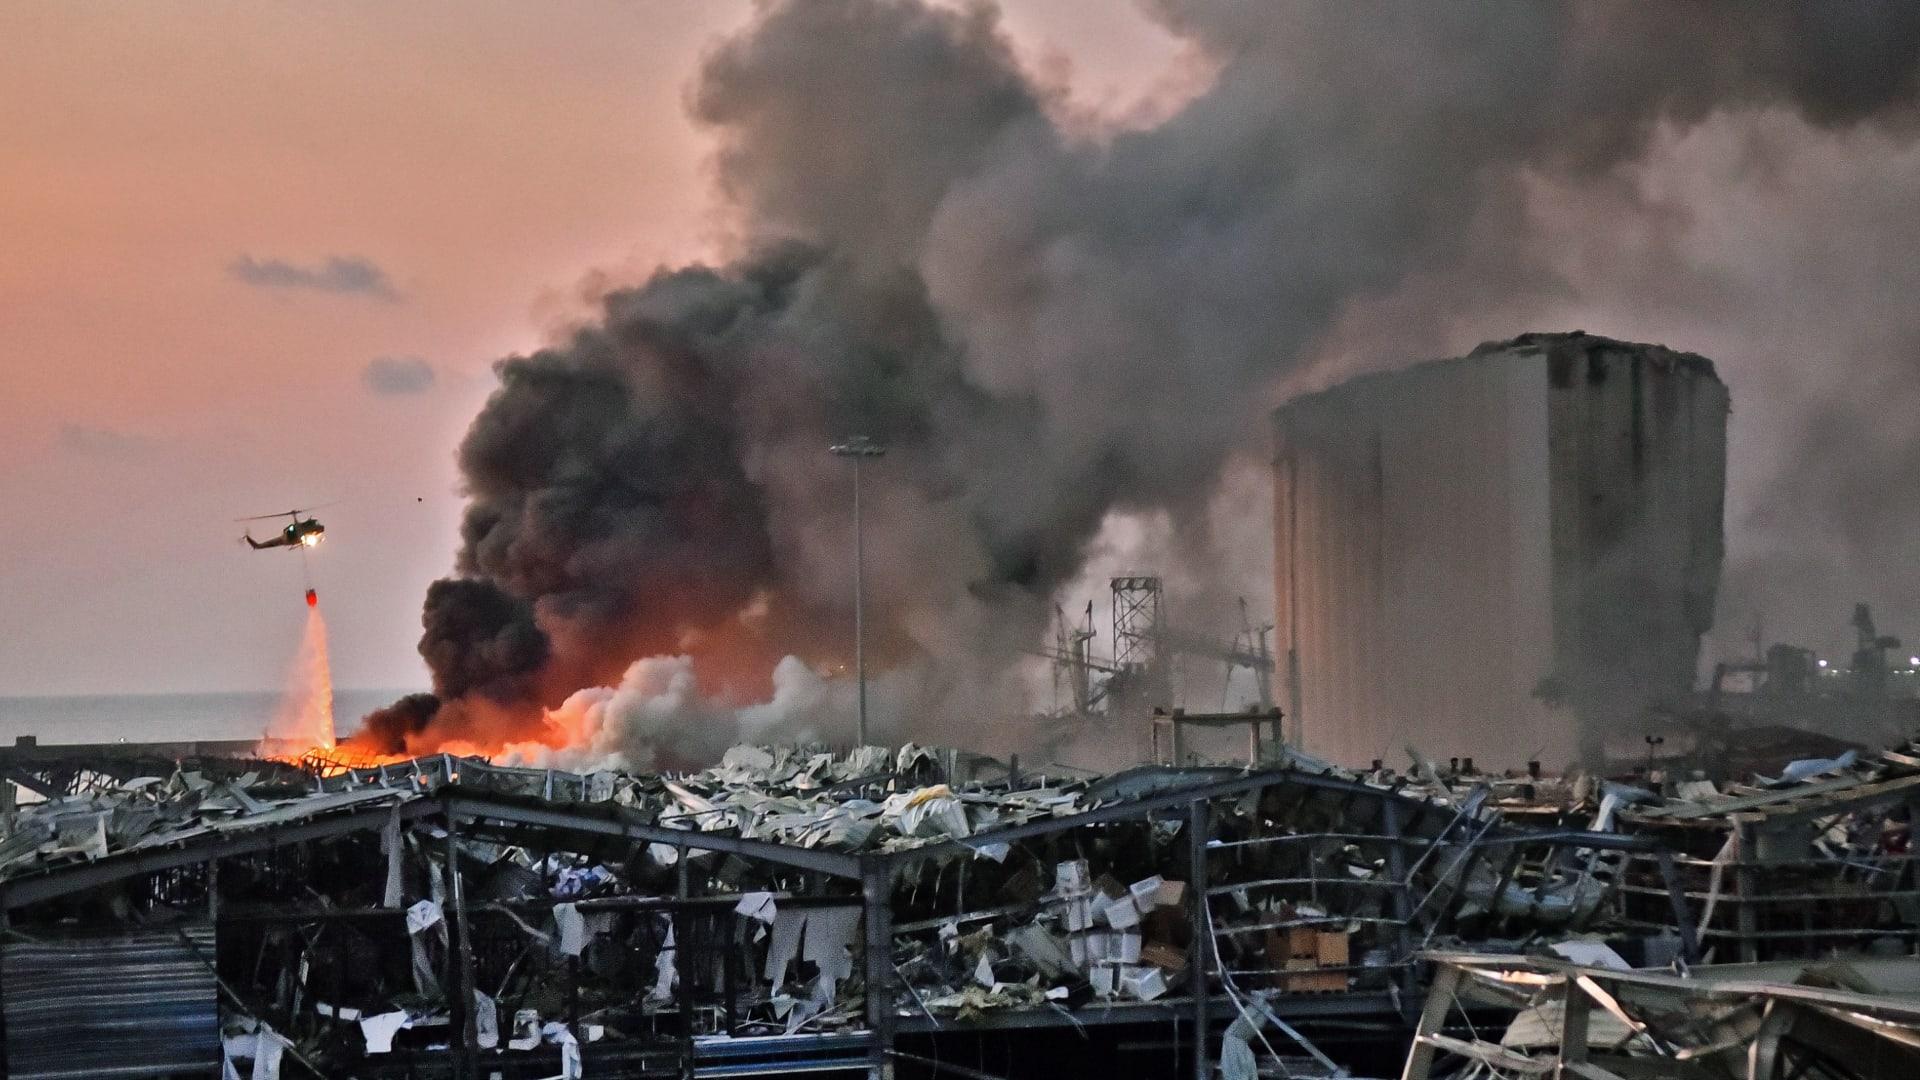 محافظ بيروت: انفجار المرفأ يشبه تفجير هيروشيما وناغازاكي.. وتقرير مبدئي خلال أيام